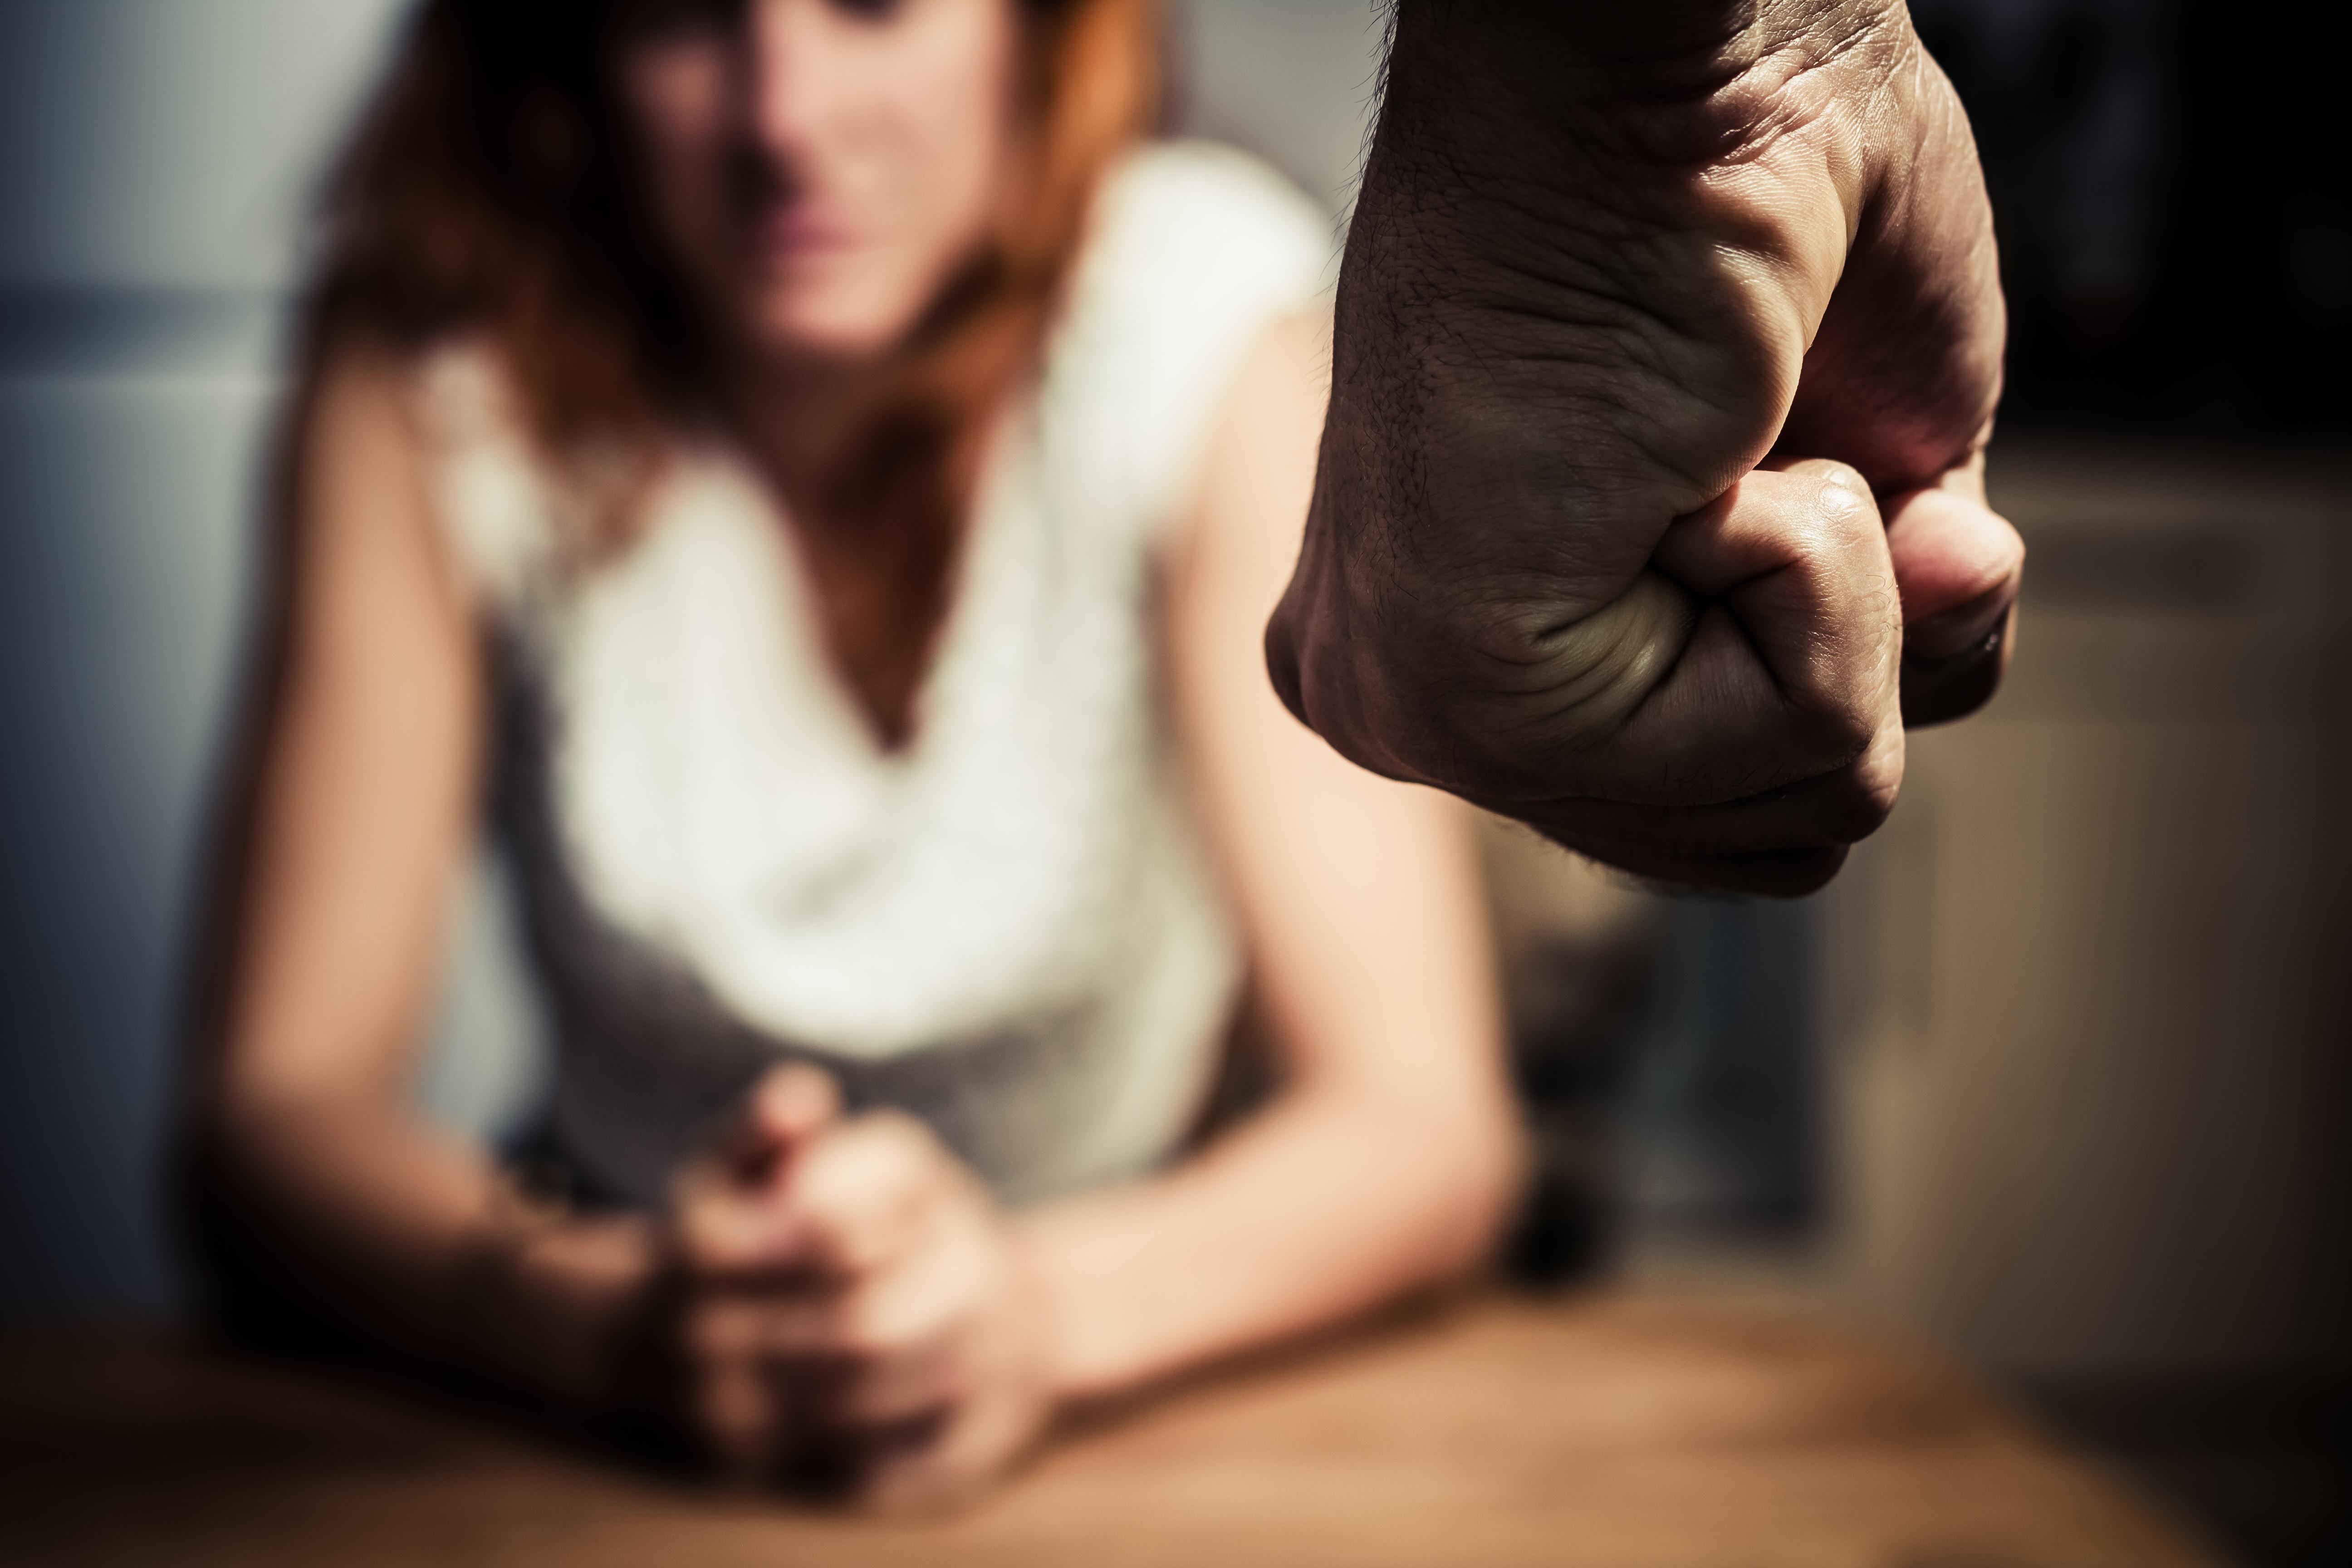 İlişkide şiddet ve baskılama: Birlikte olduğunuz kişinin size şiddet uyguladığının 10 sinyali